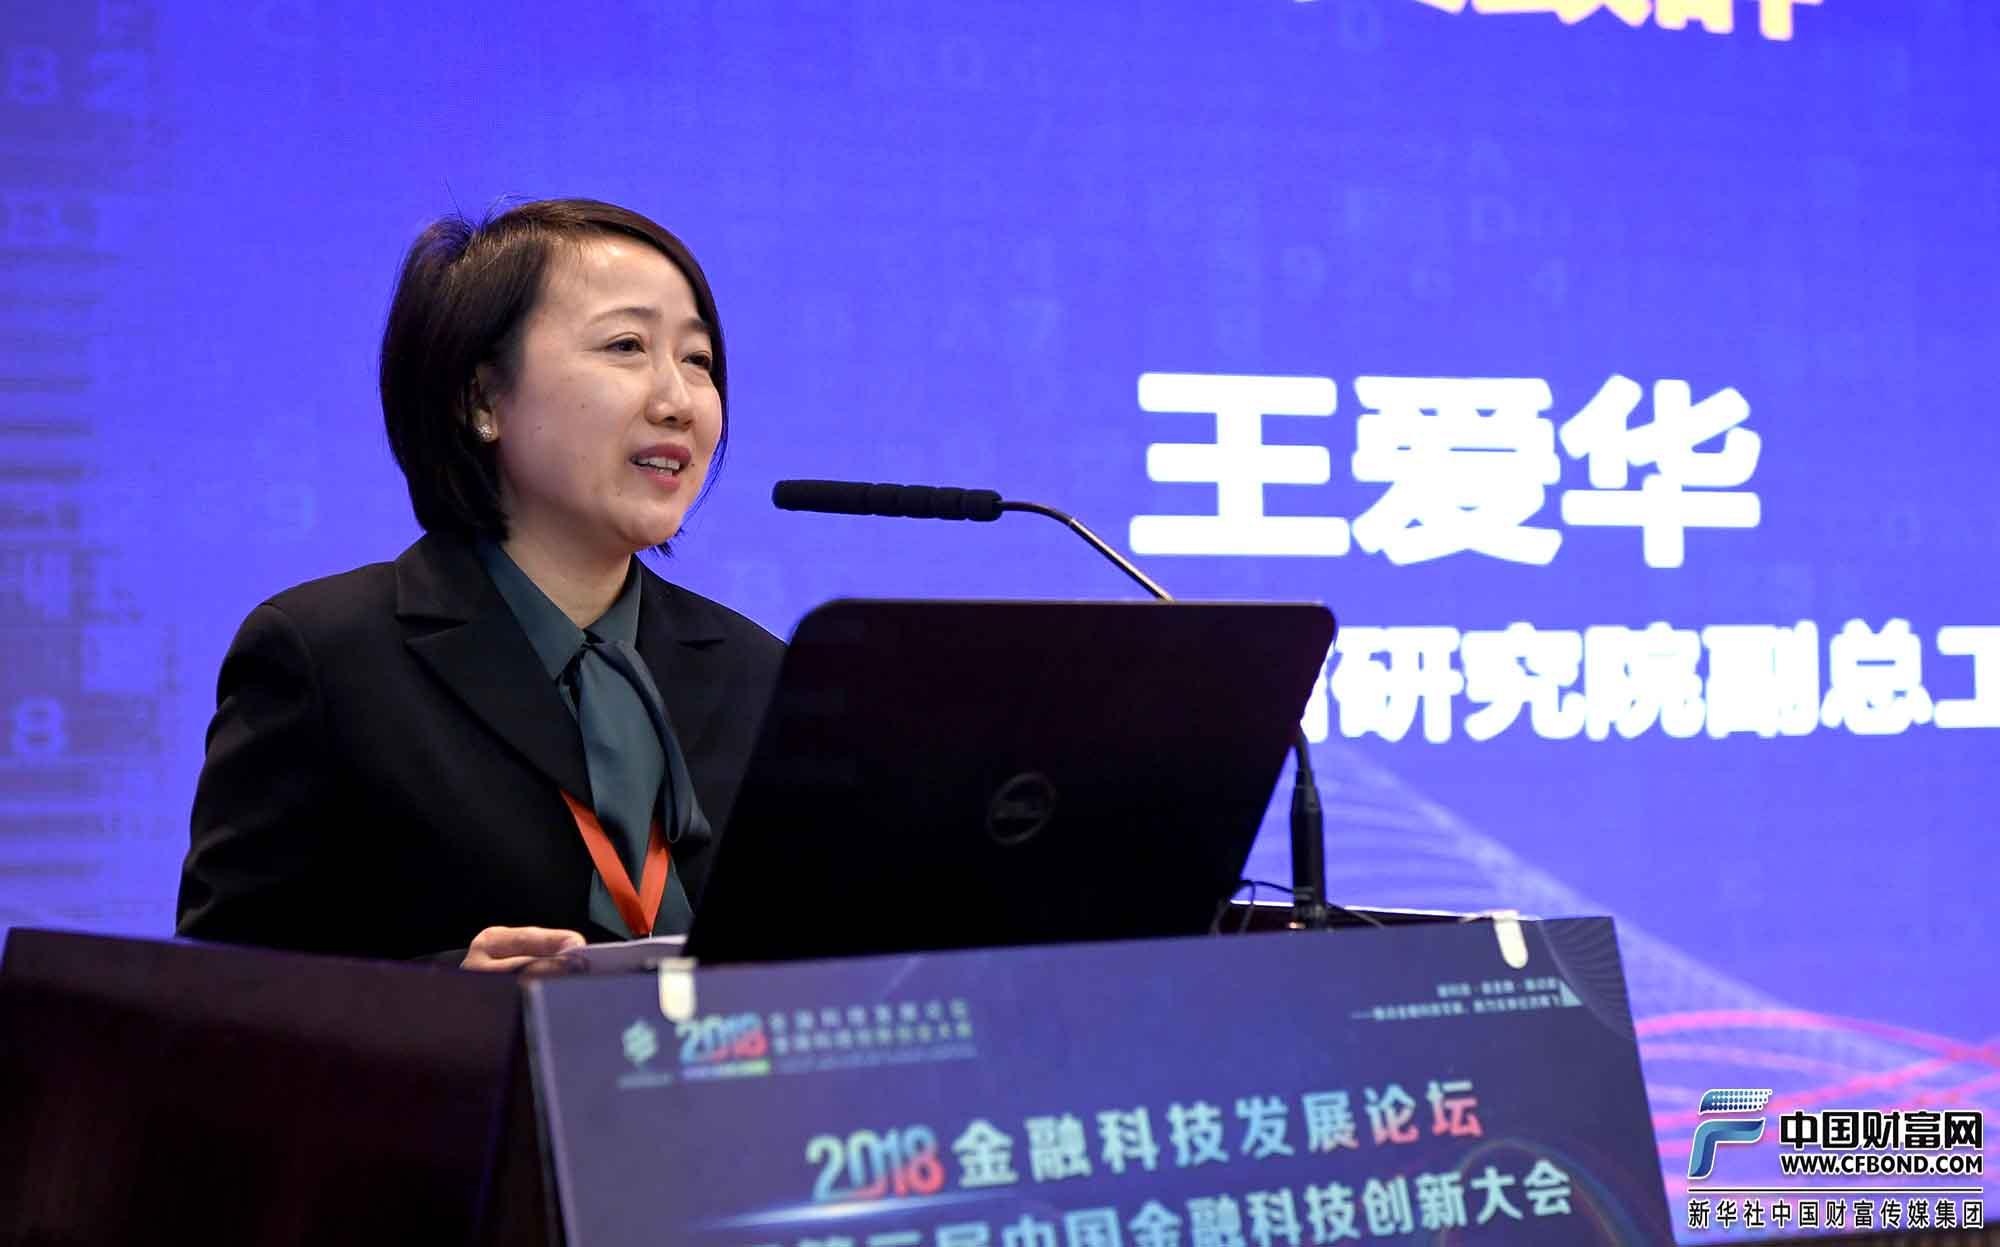 中国信息通信研究院副总工程师王爱华致辞